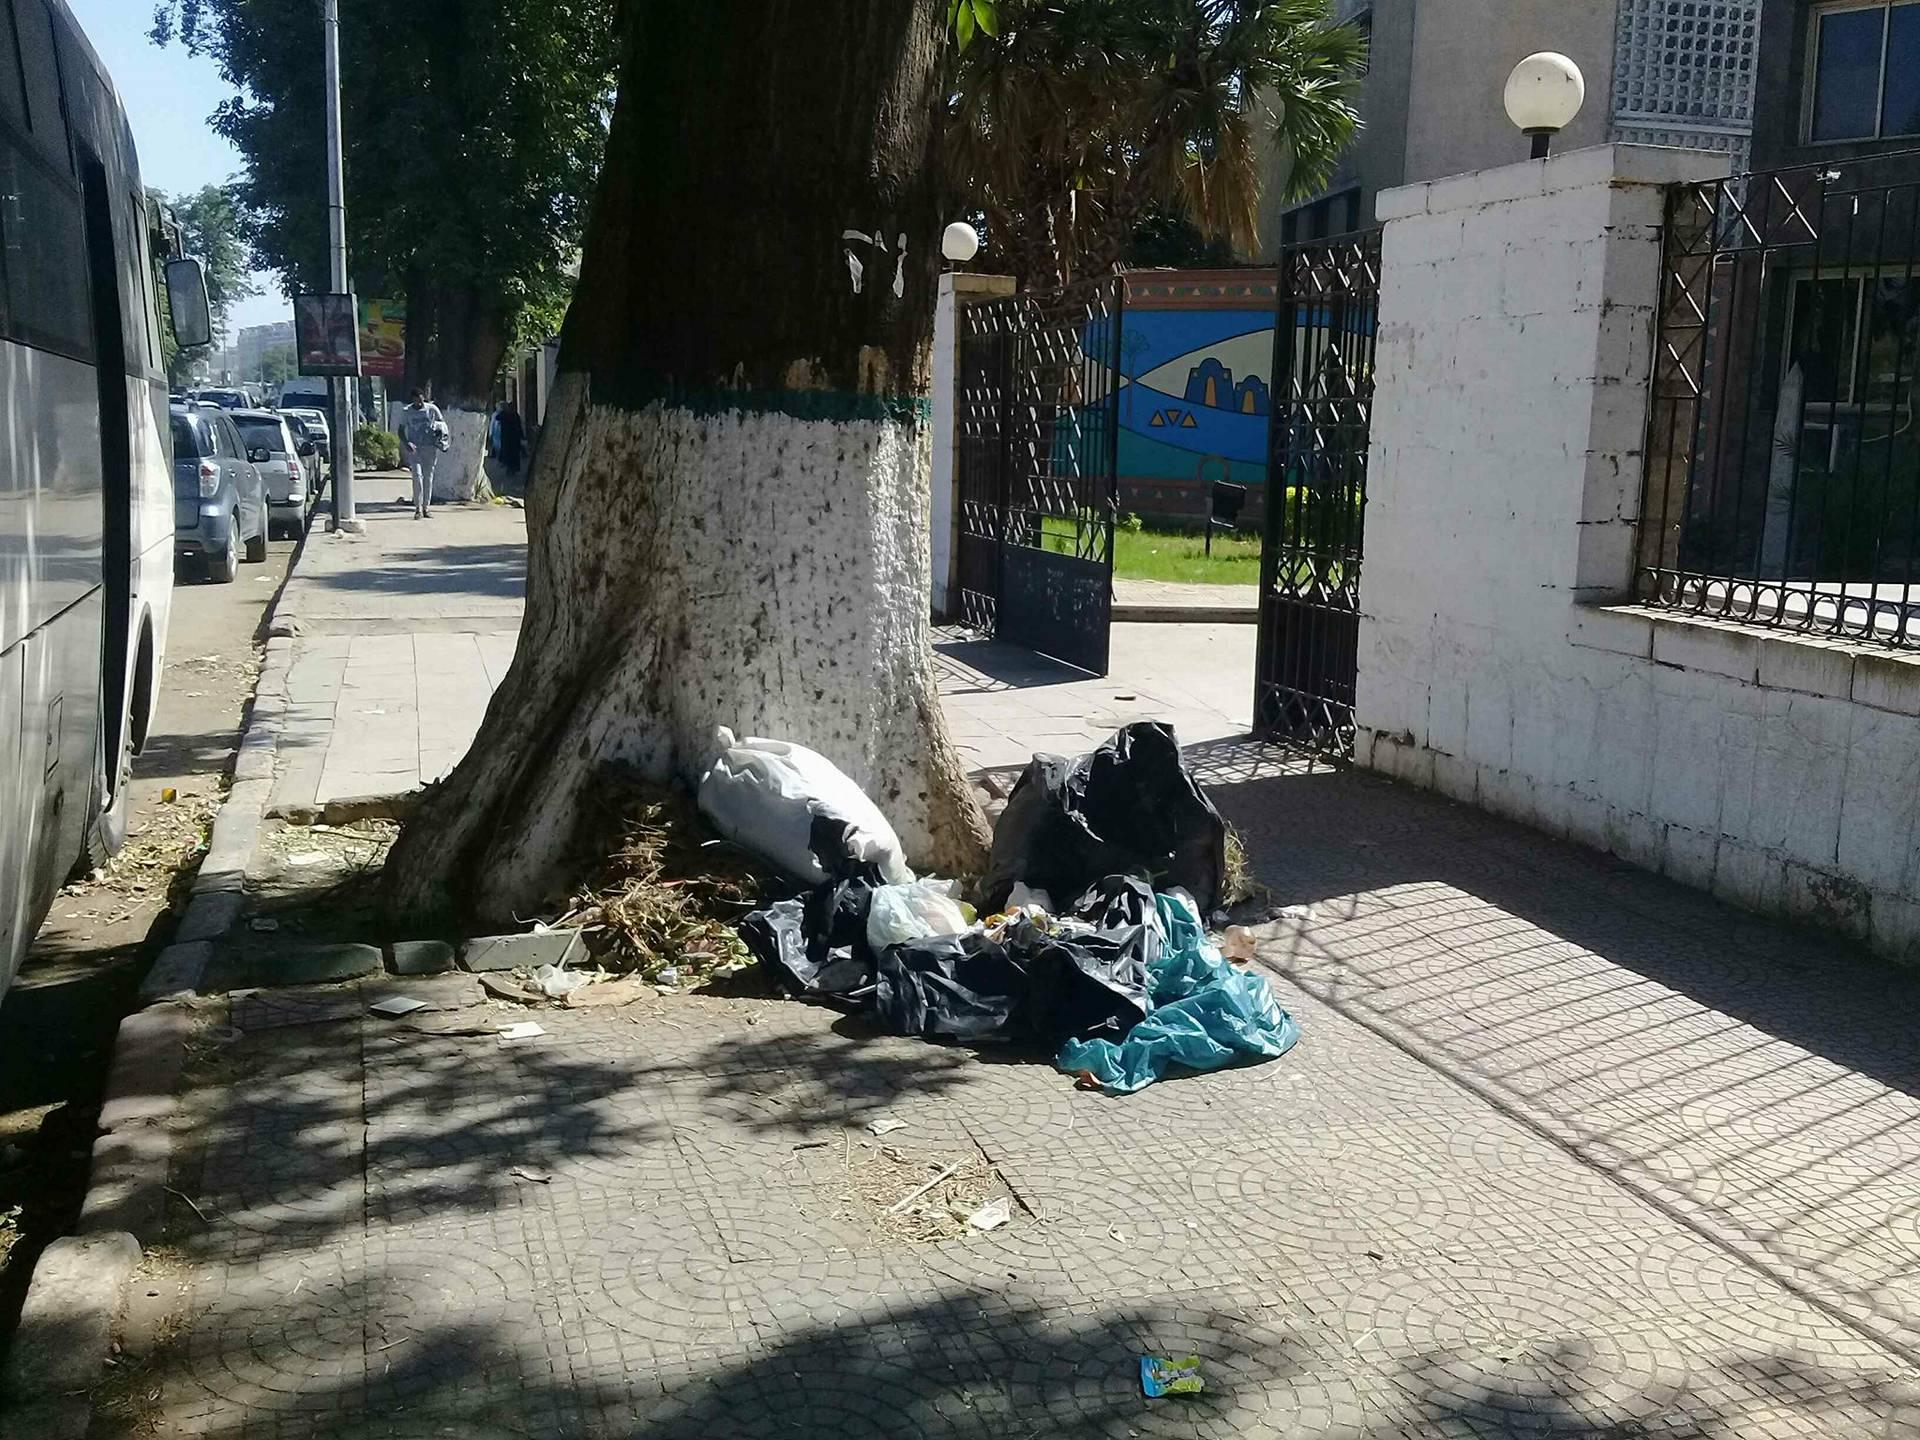 انتشار القمامة أمام قصر ثقافة أسوان